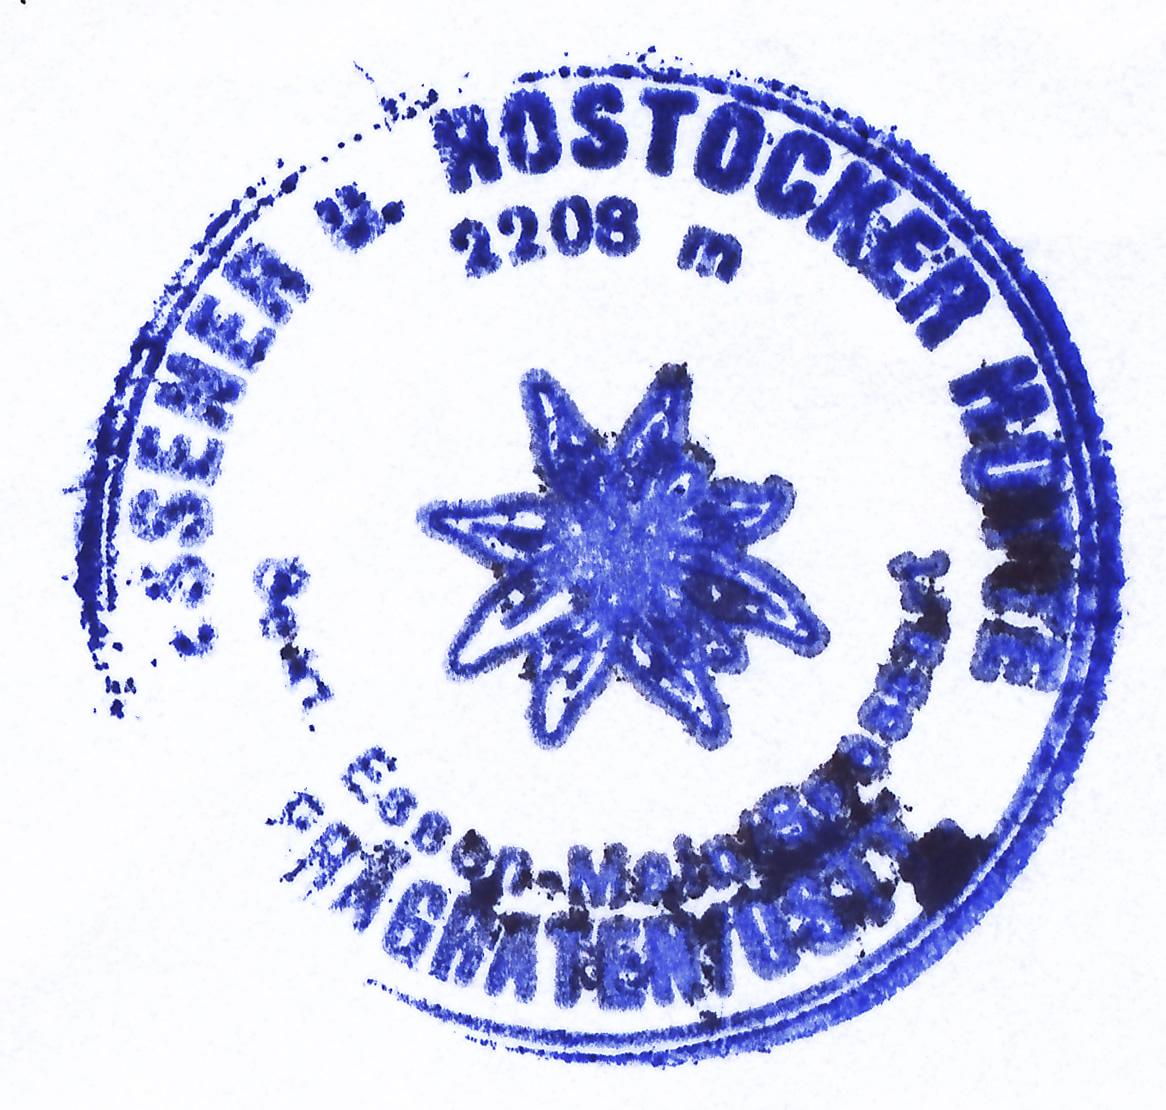 Essener-Rostocker Hütte 2208m